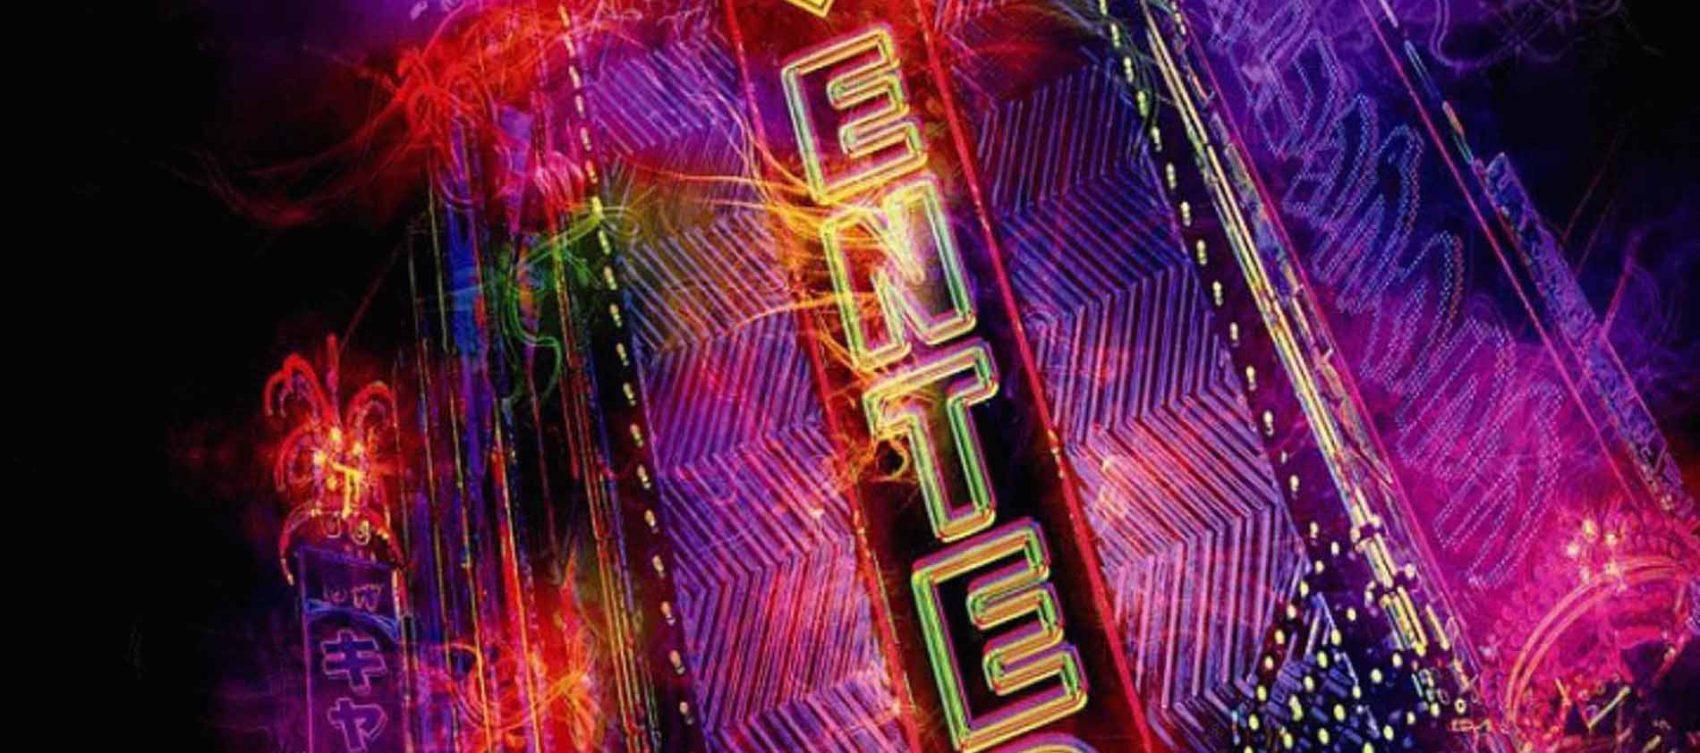 Les génériques de films sont-ils codifiés ?